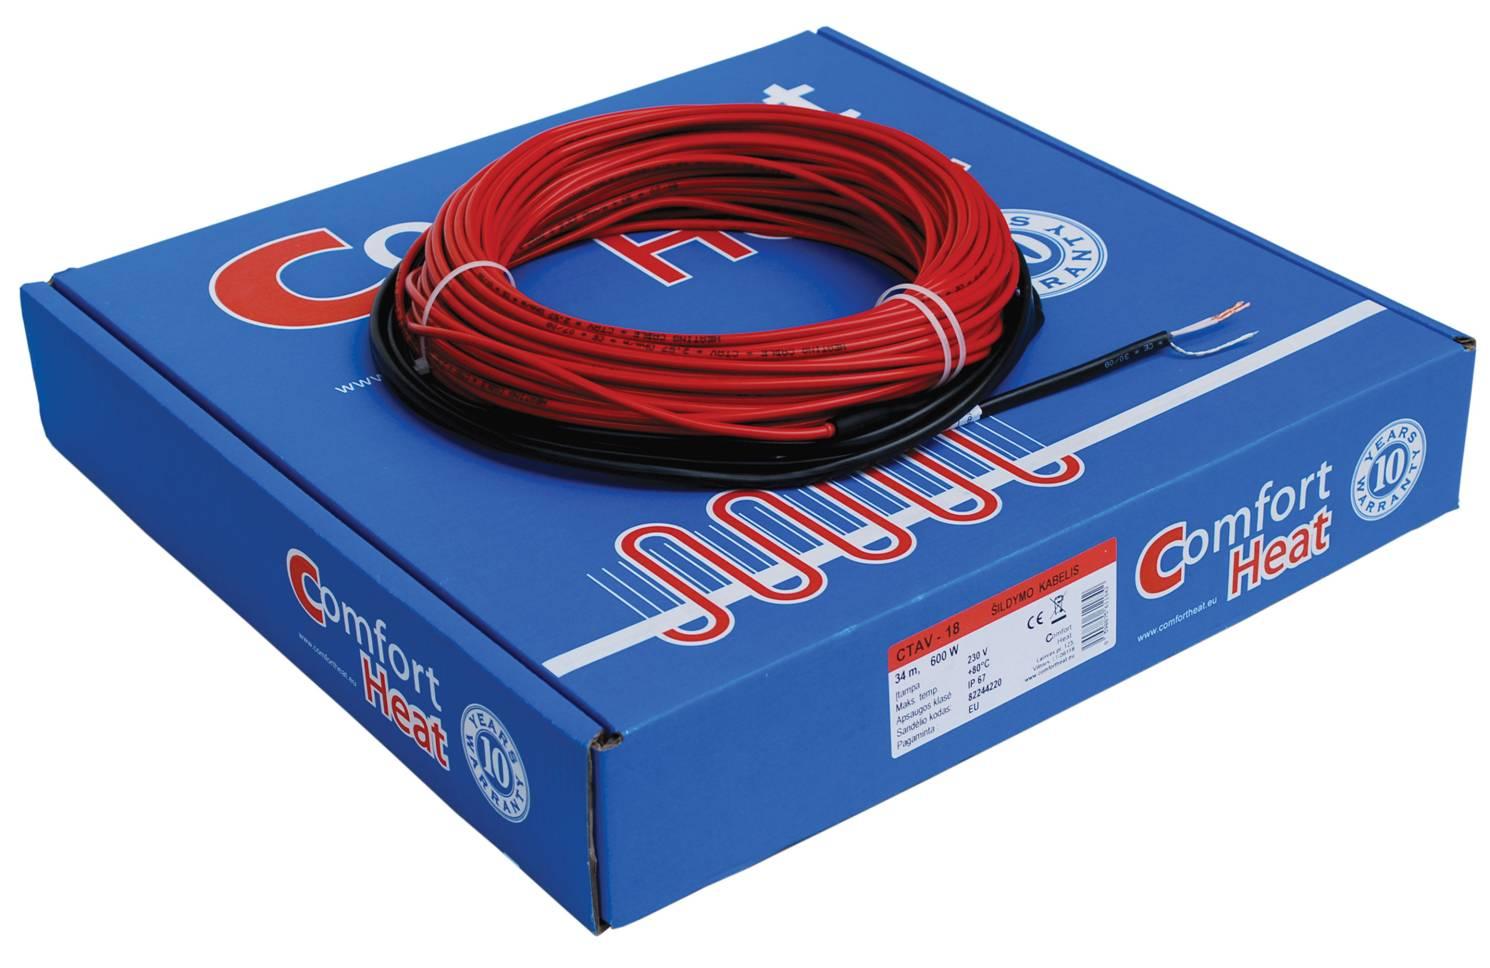 Šildymo kabelis CTAV-18, 8 m, 160 W